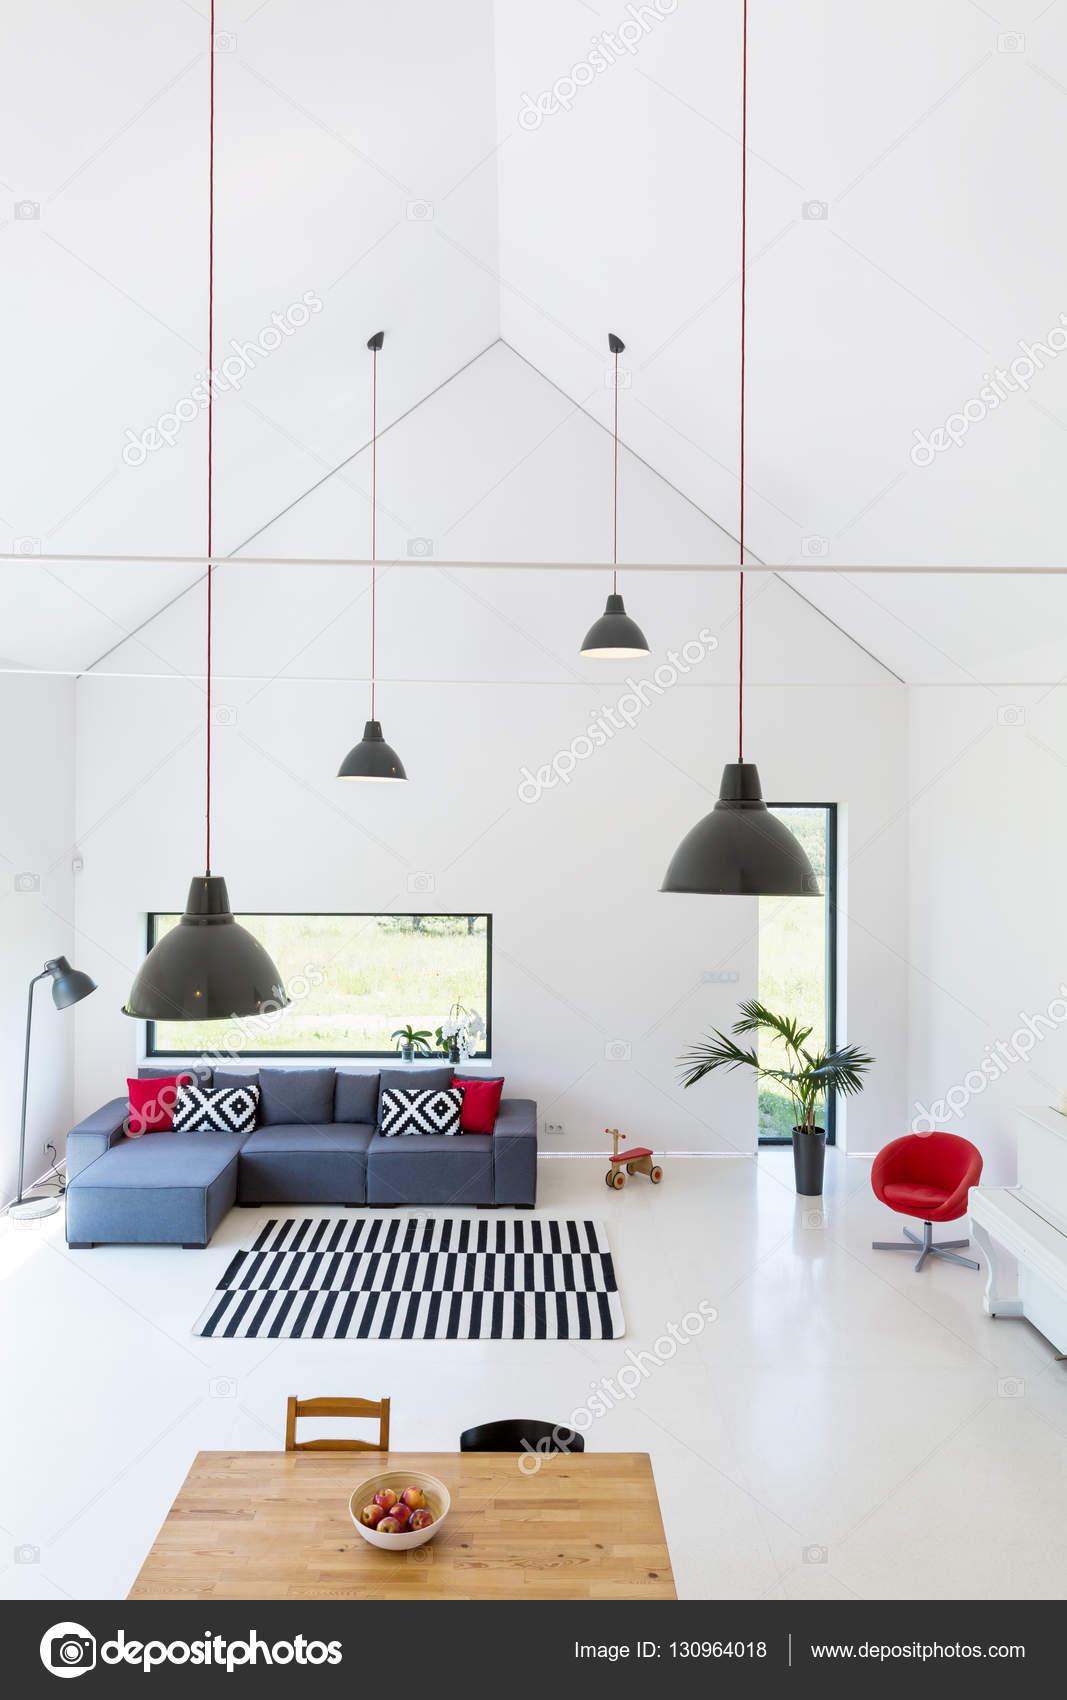 Modernes Wohnzimmer Mit Hoher Decke U2014 Stockfoto